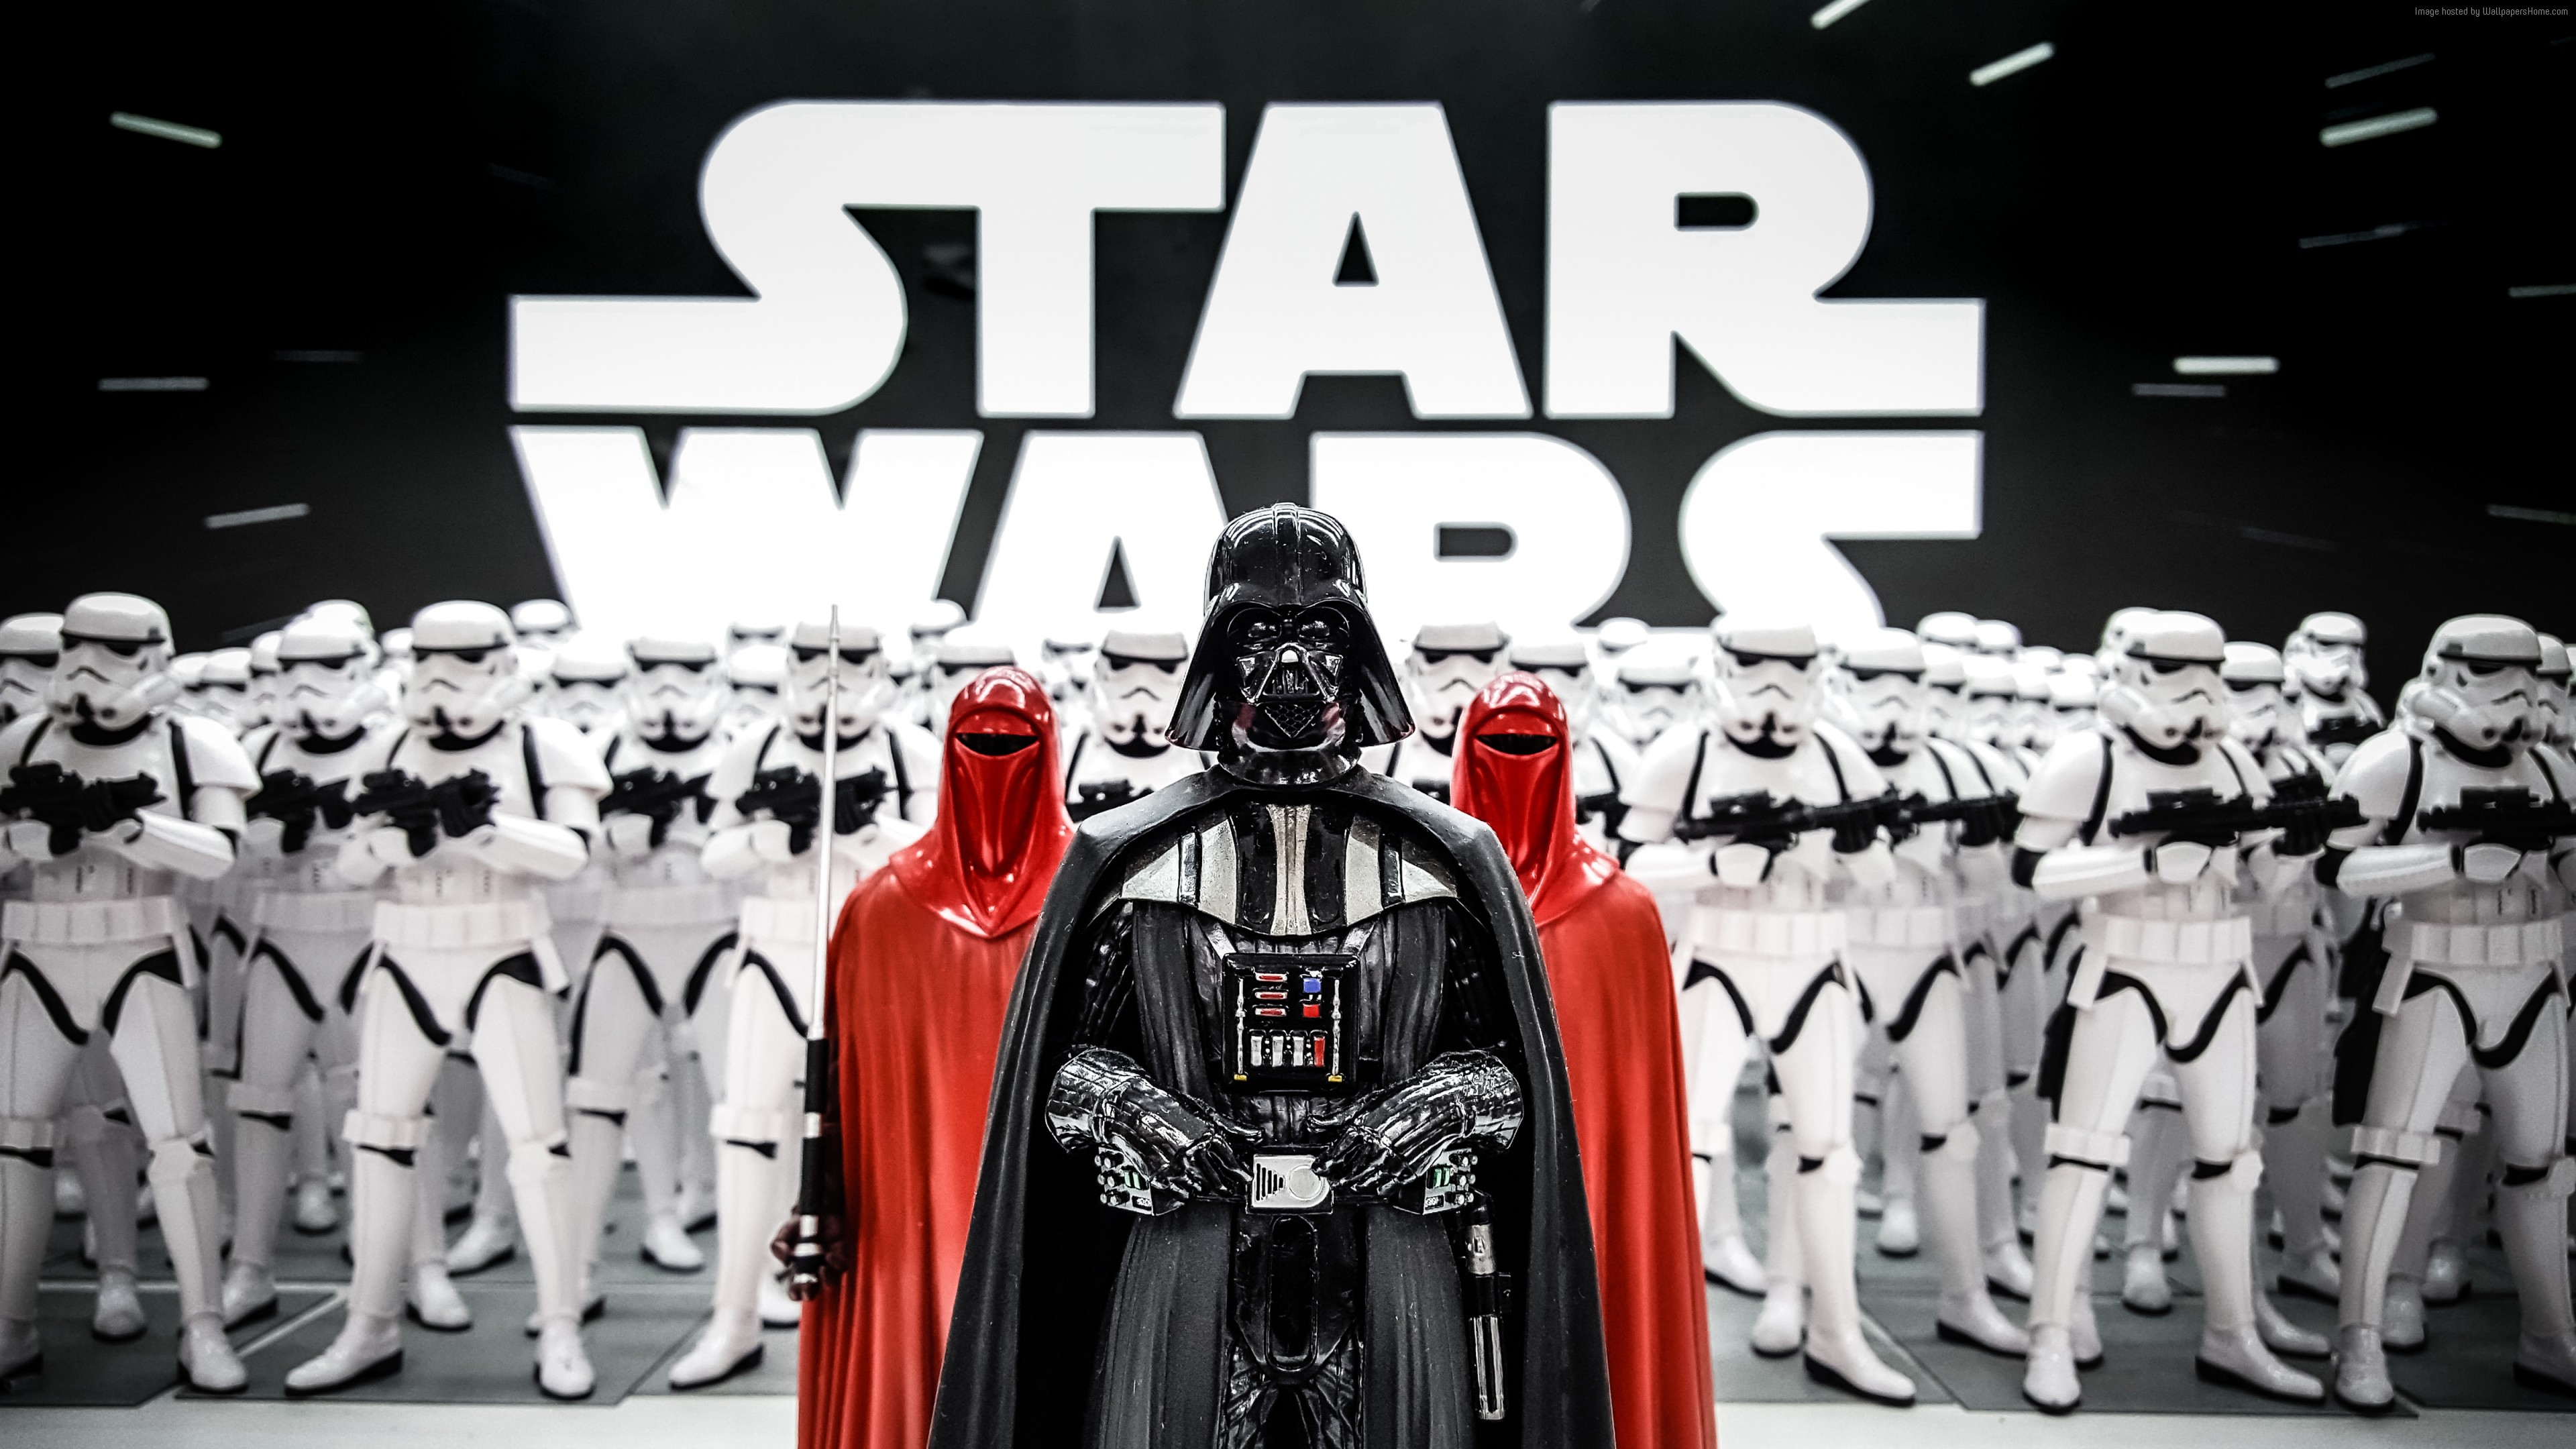 Darth Vader Stormtrooper Star Wars 2259643 Hd Wallpaper